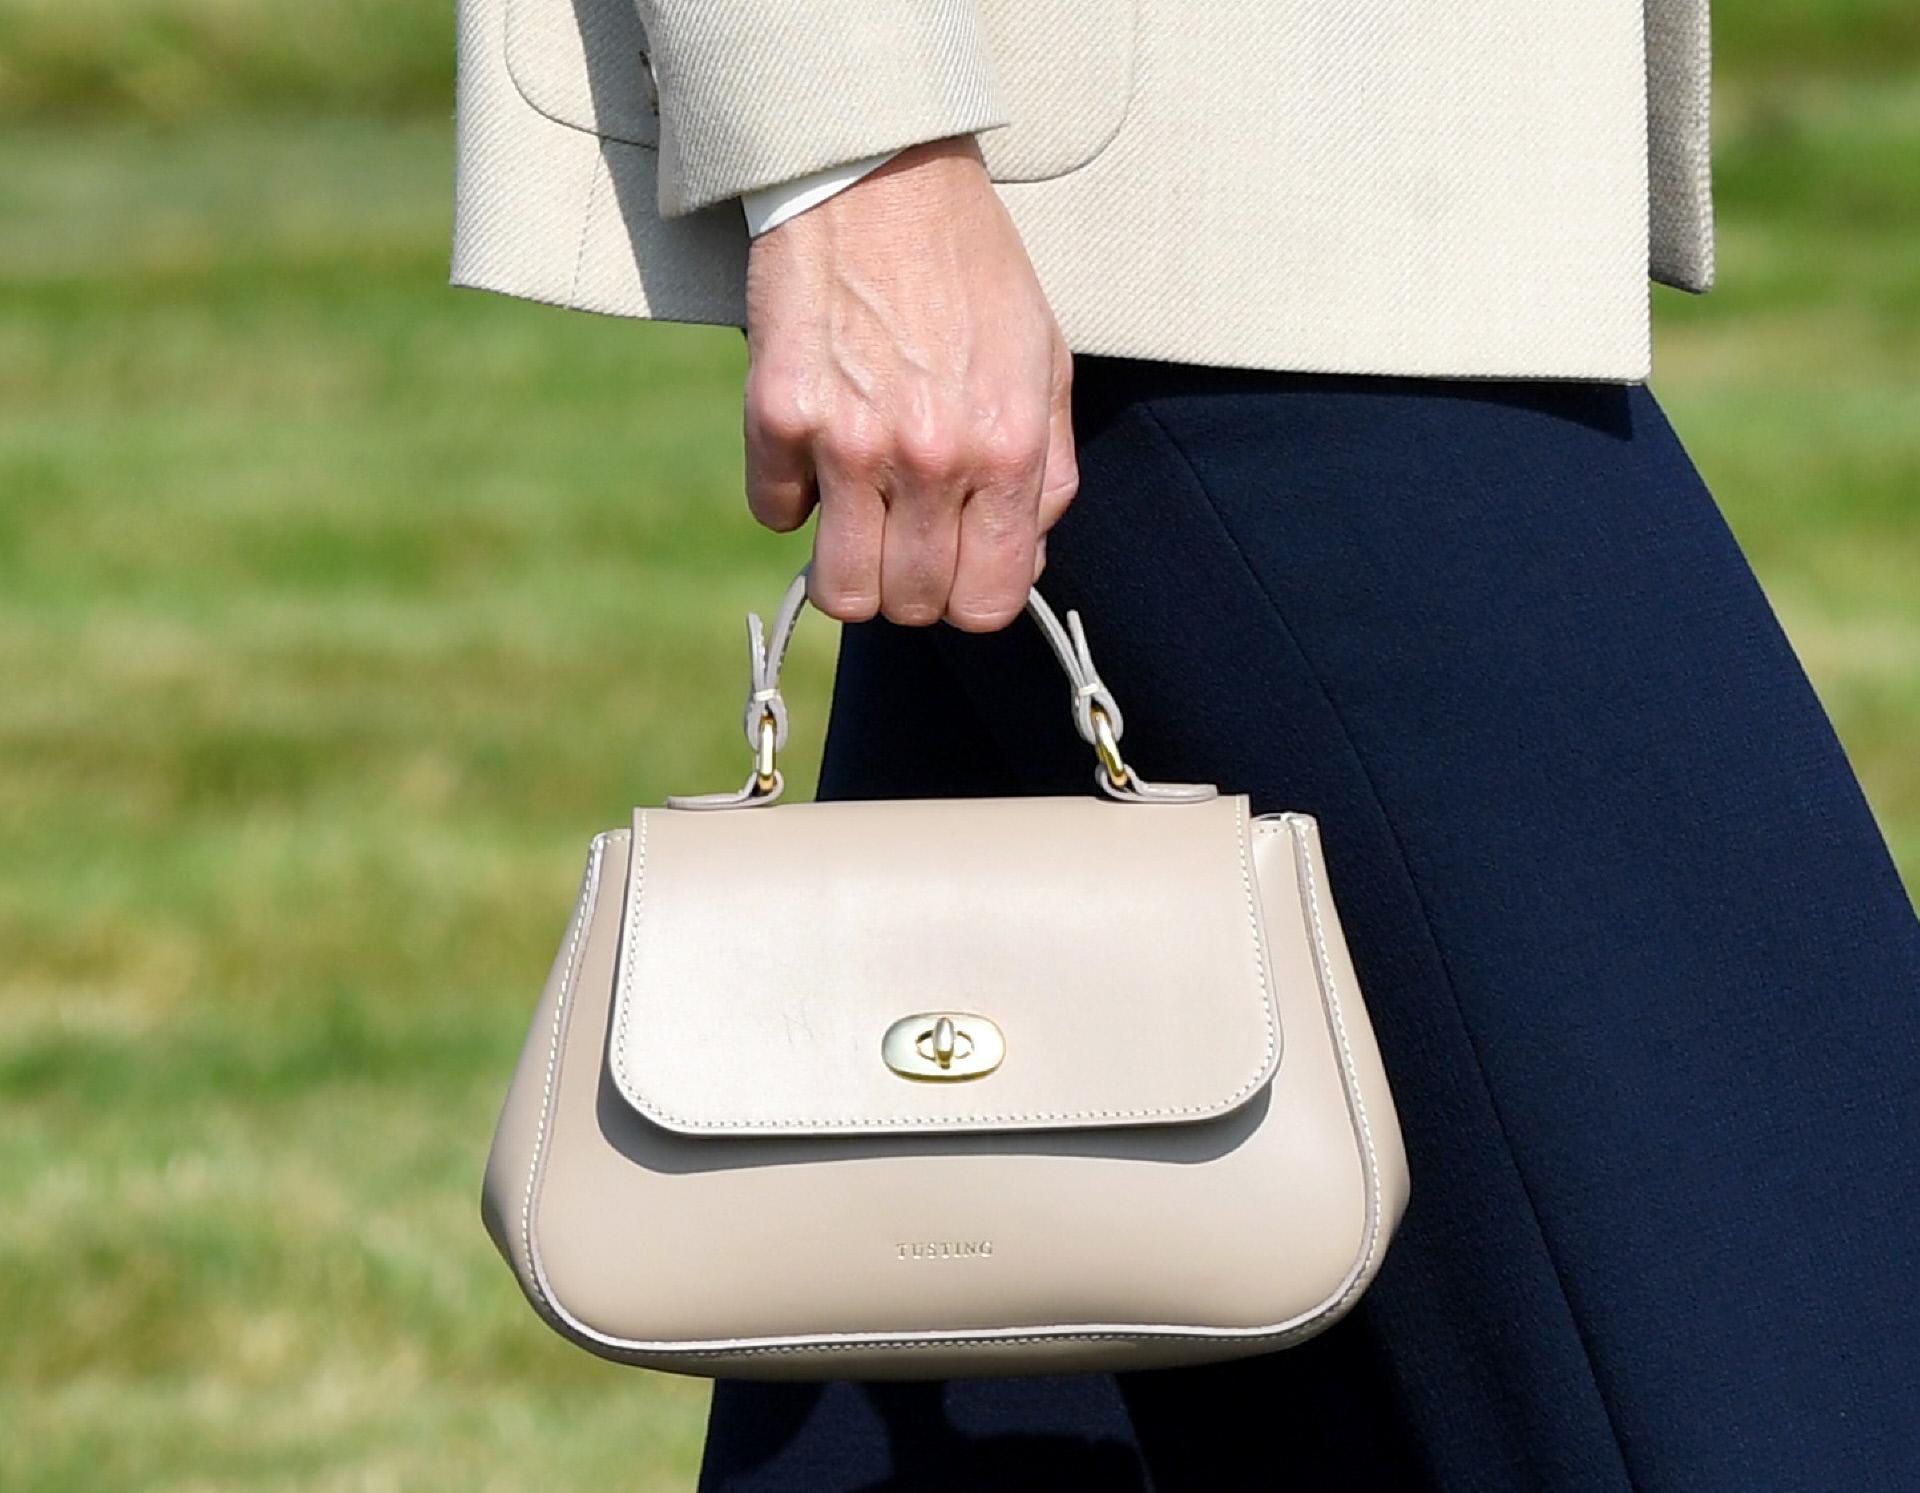 El Mini Holly de la firma Tusting es el bolso elegido por Kate Middleton para esta visita.